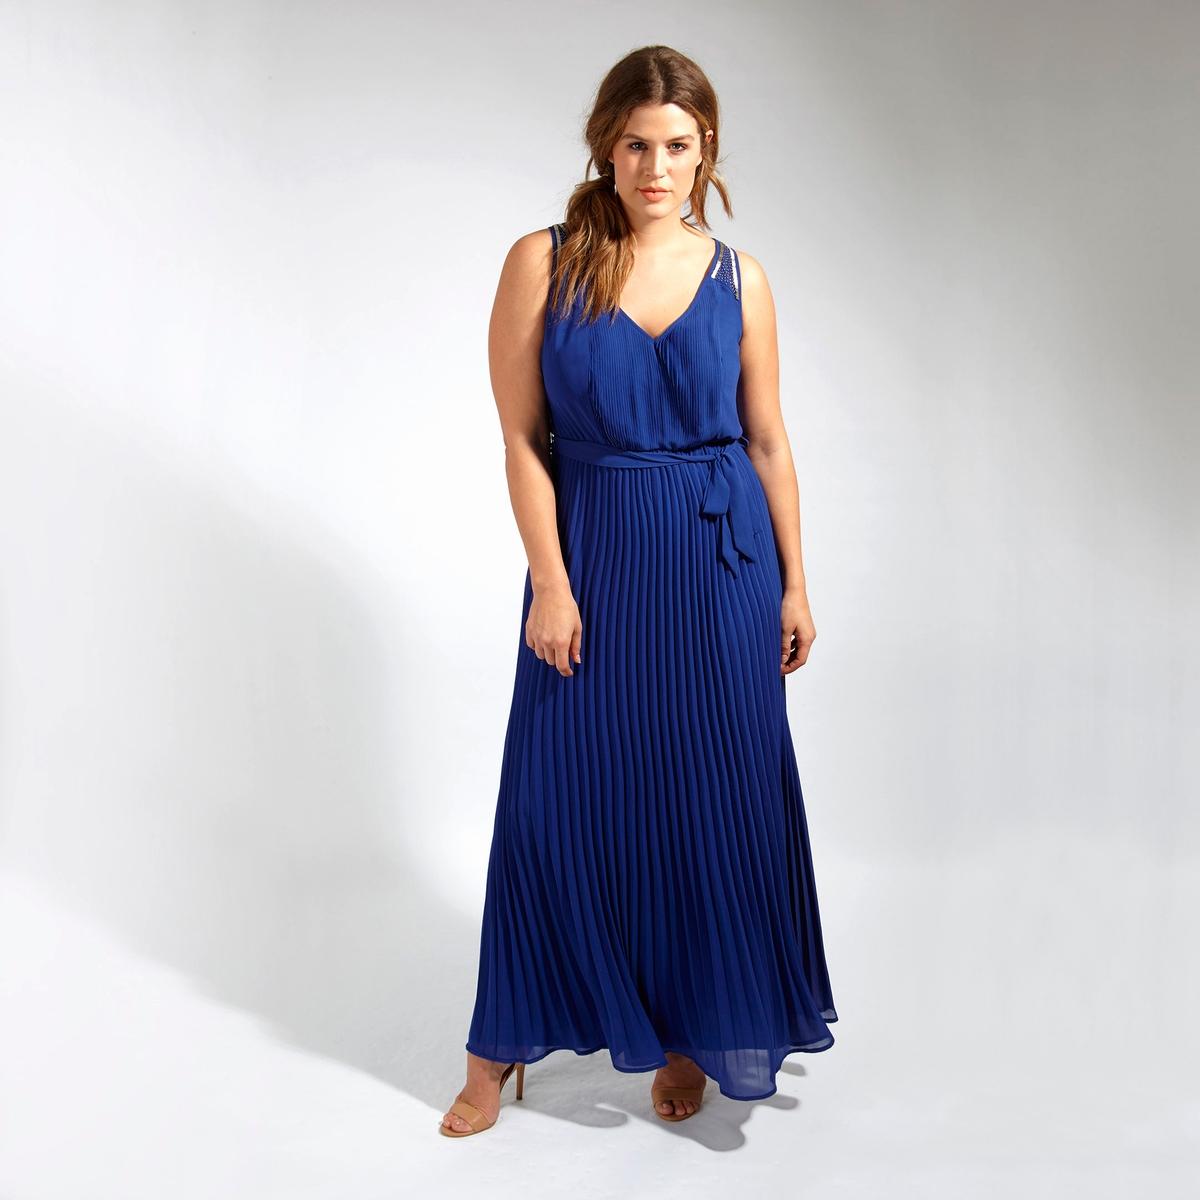 Платье длинноеДлинное платье LOVEDROBE без рукавов. Завязки на поясе. Юбка с эффектом плиссе. Оригинальные детали из бисера на бретелях. 100% полиэстер<br><br>Цвет: синий<br>Размер: 58/60 (FR) - 64/66 (RUS).46 (FR) - 52 (RUS)